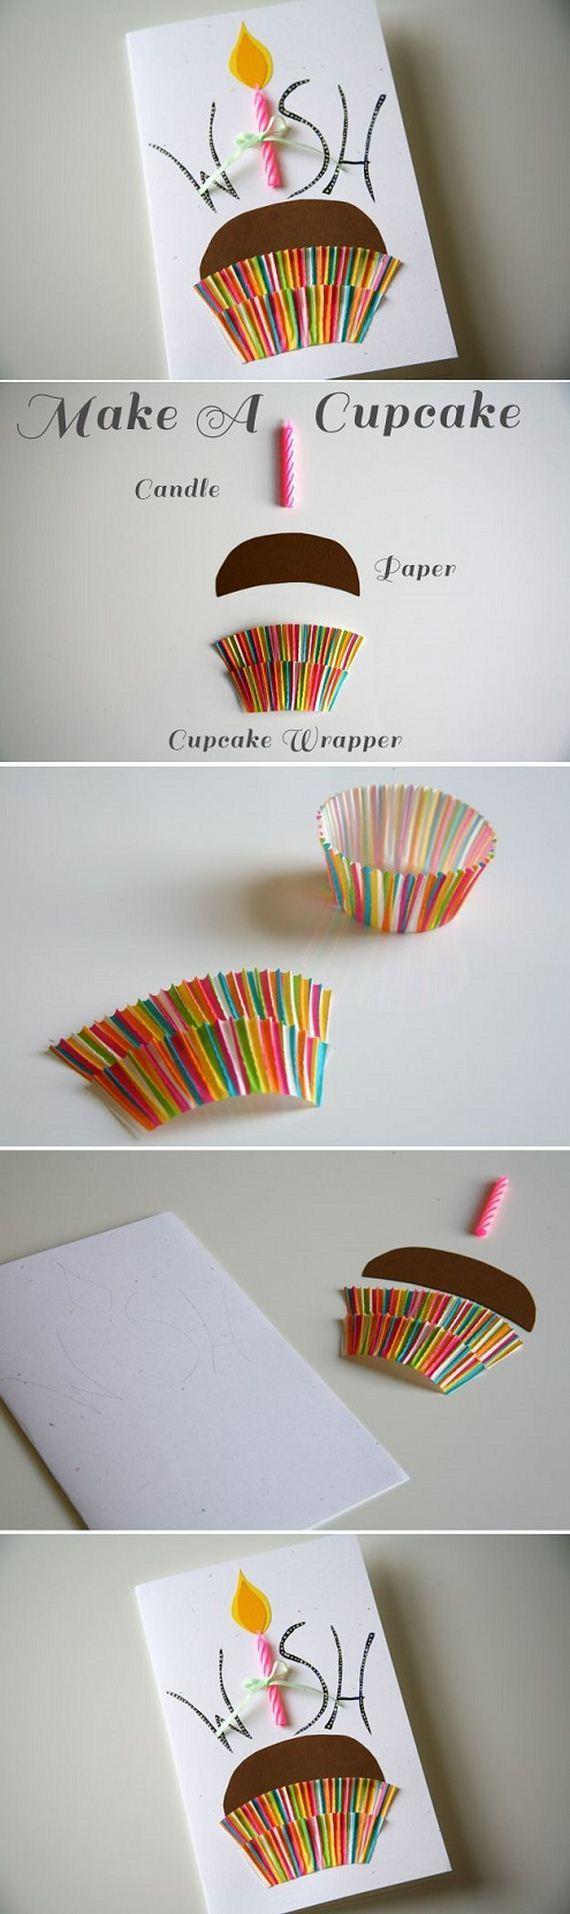 12-Cute-DIY-Birthday-Card-Ideas